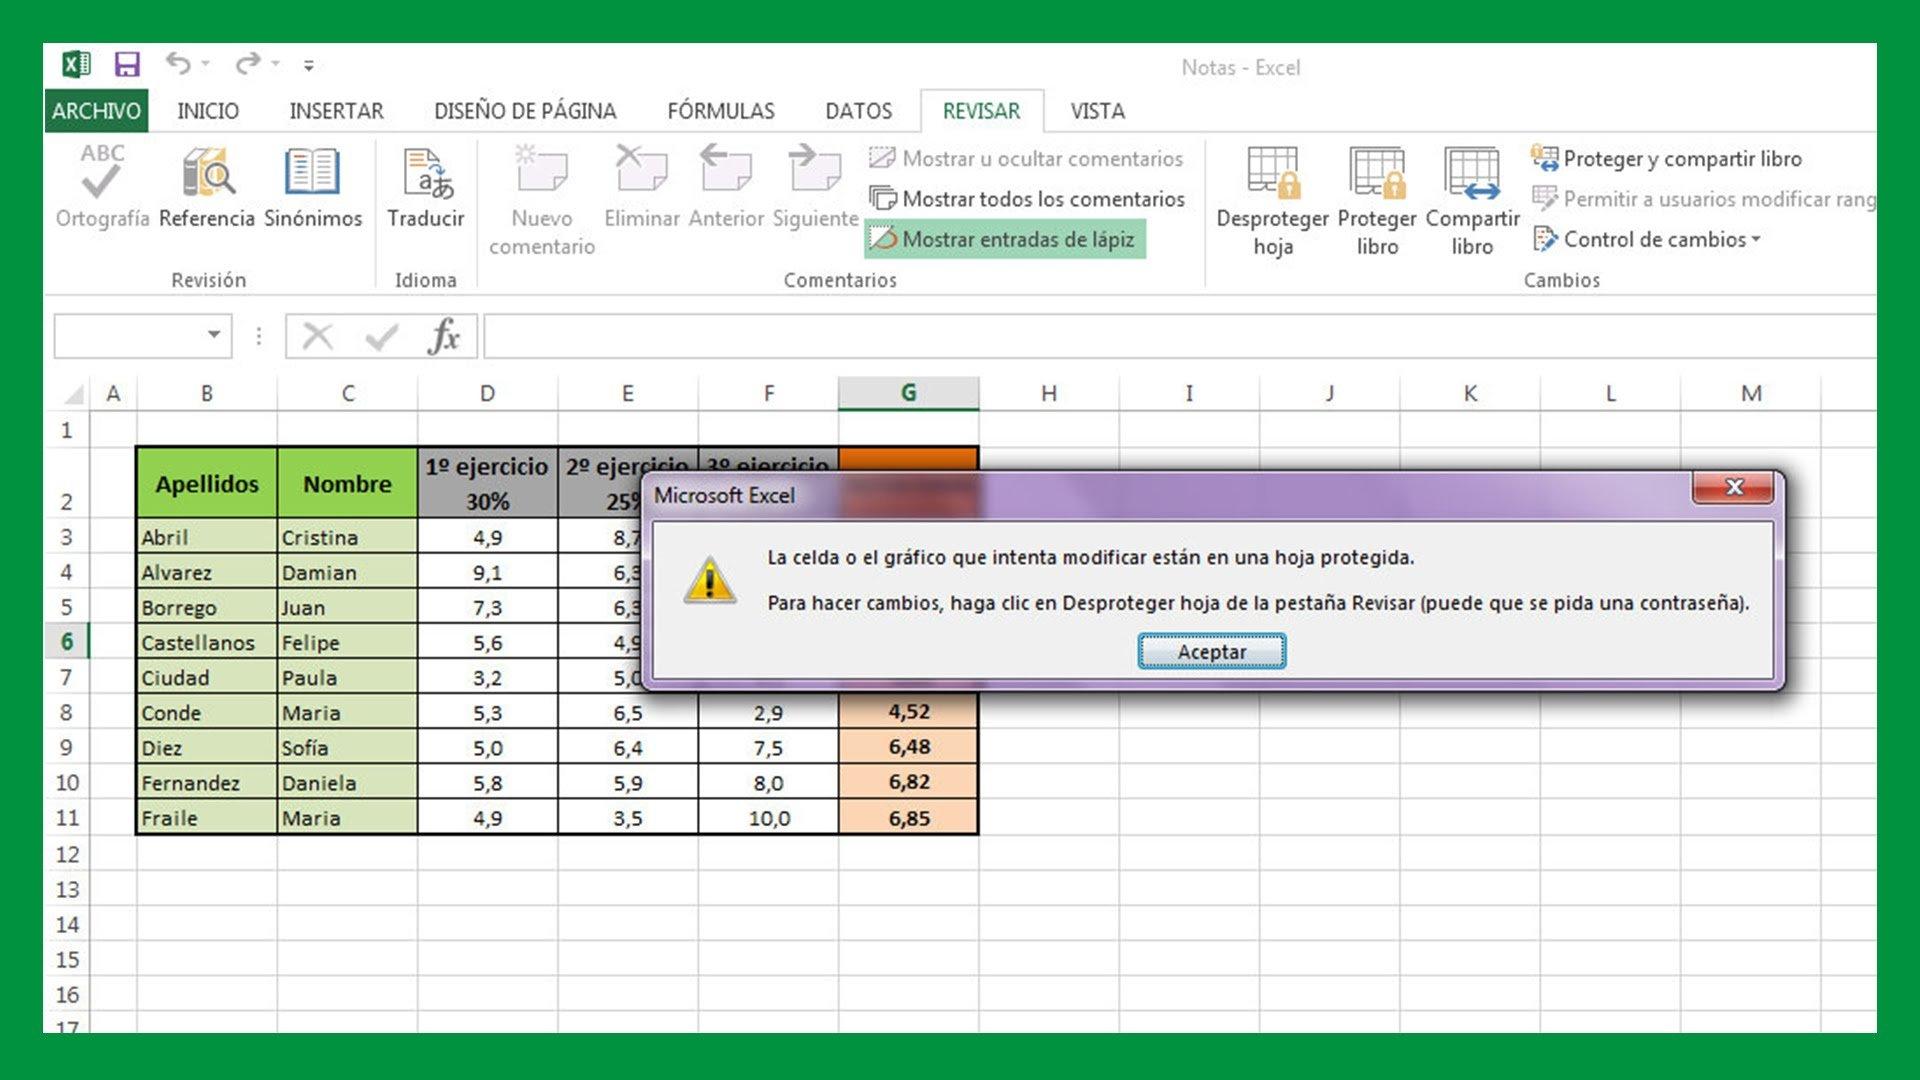 Excel – Bloquear celdas y ocultar fórmulas en Excel